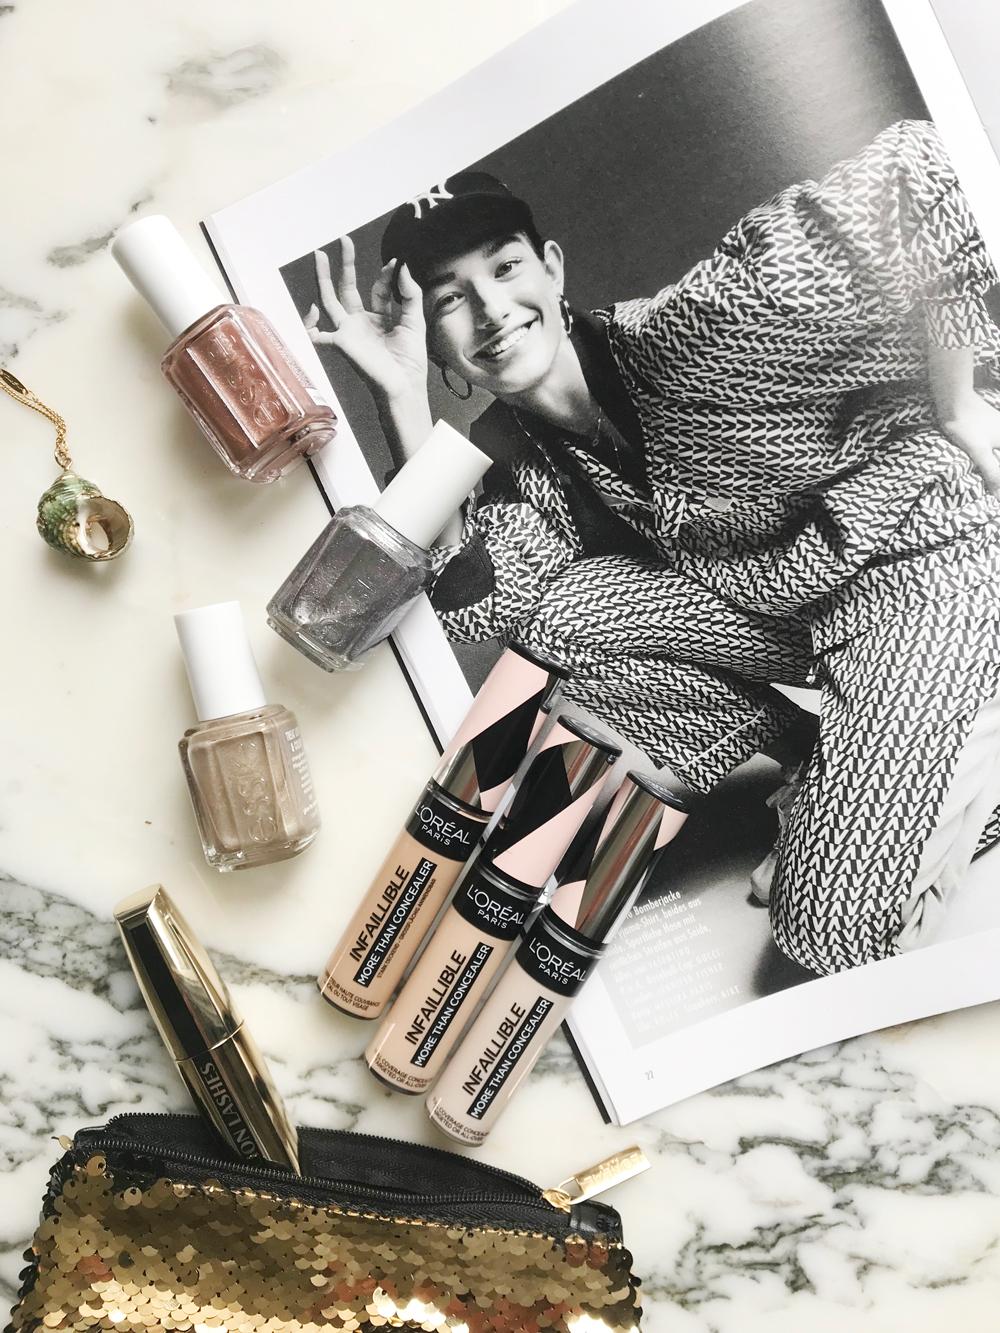 Keine Chance für den Januar-Blues: sonrisa verlost ein exklusives Beauty-Set mit Neuheiten von L' Oréal Paris.